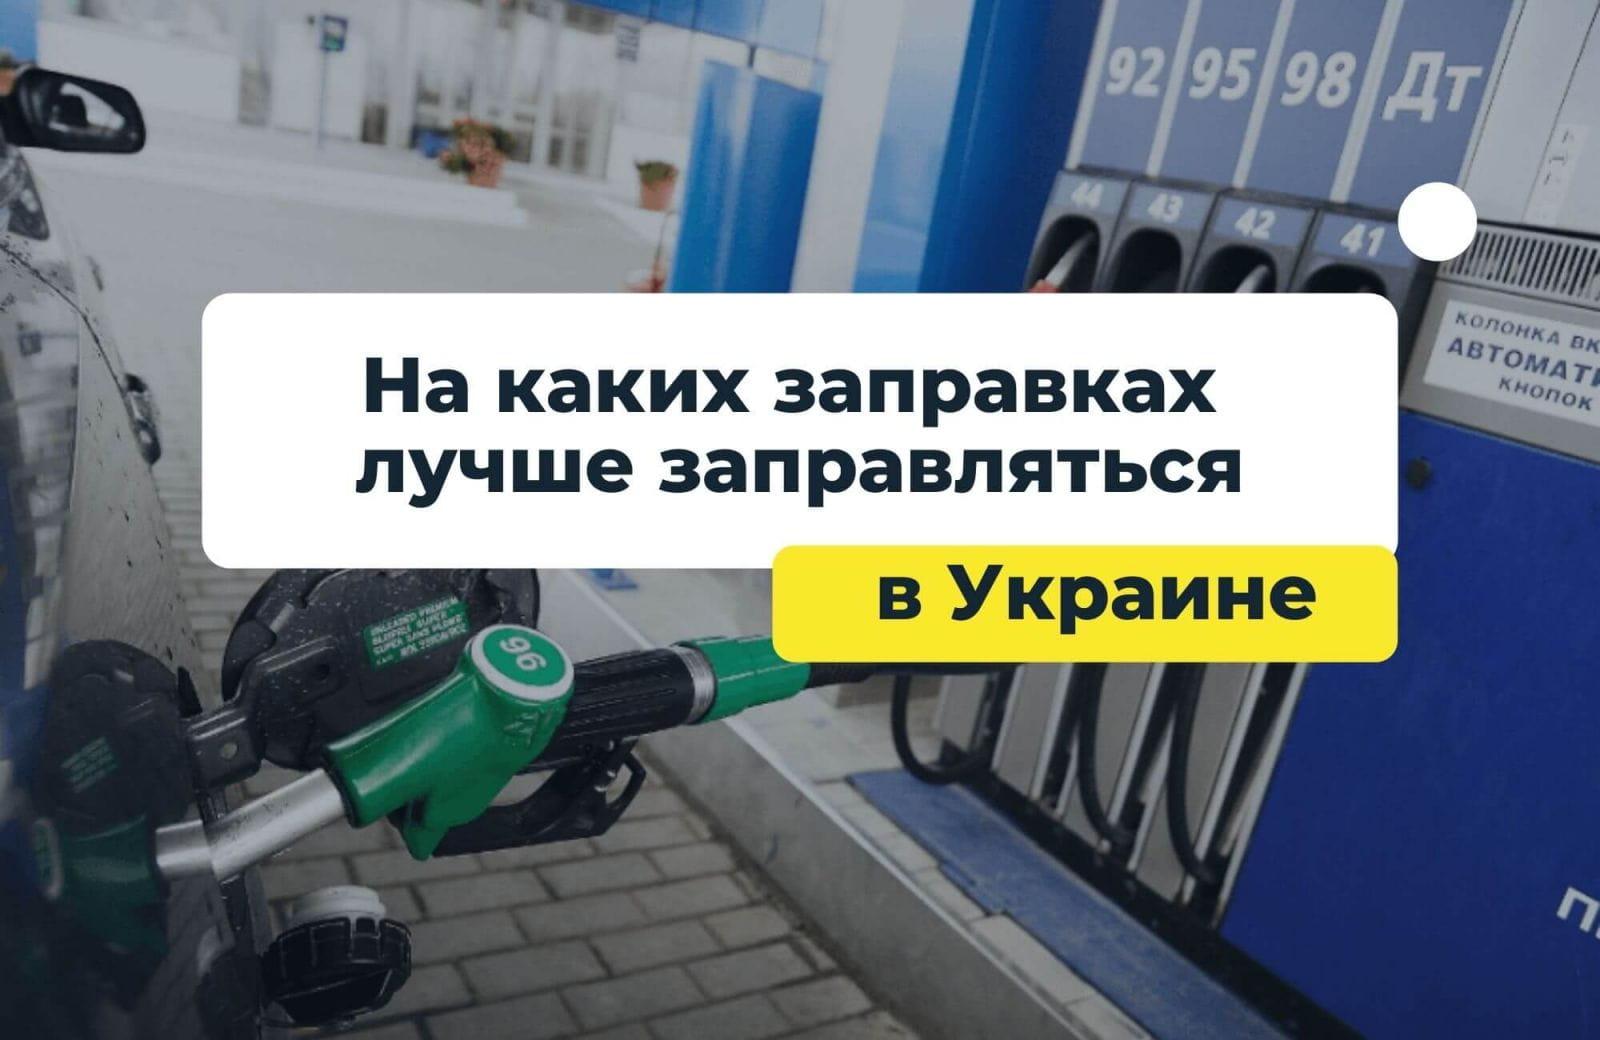 Заправки в Украине